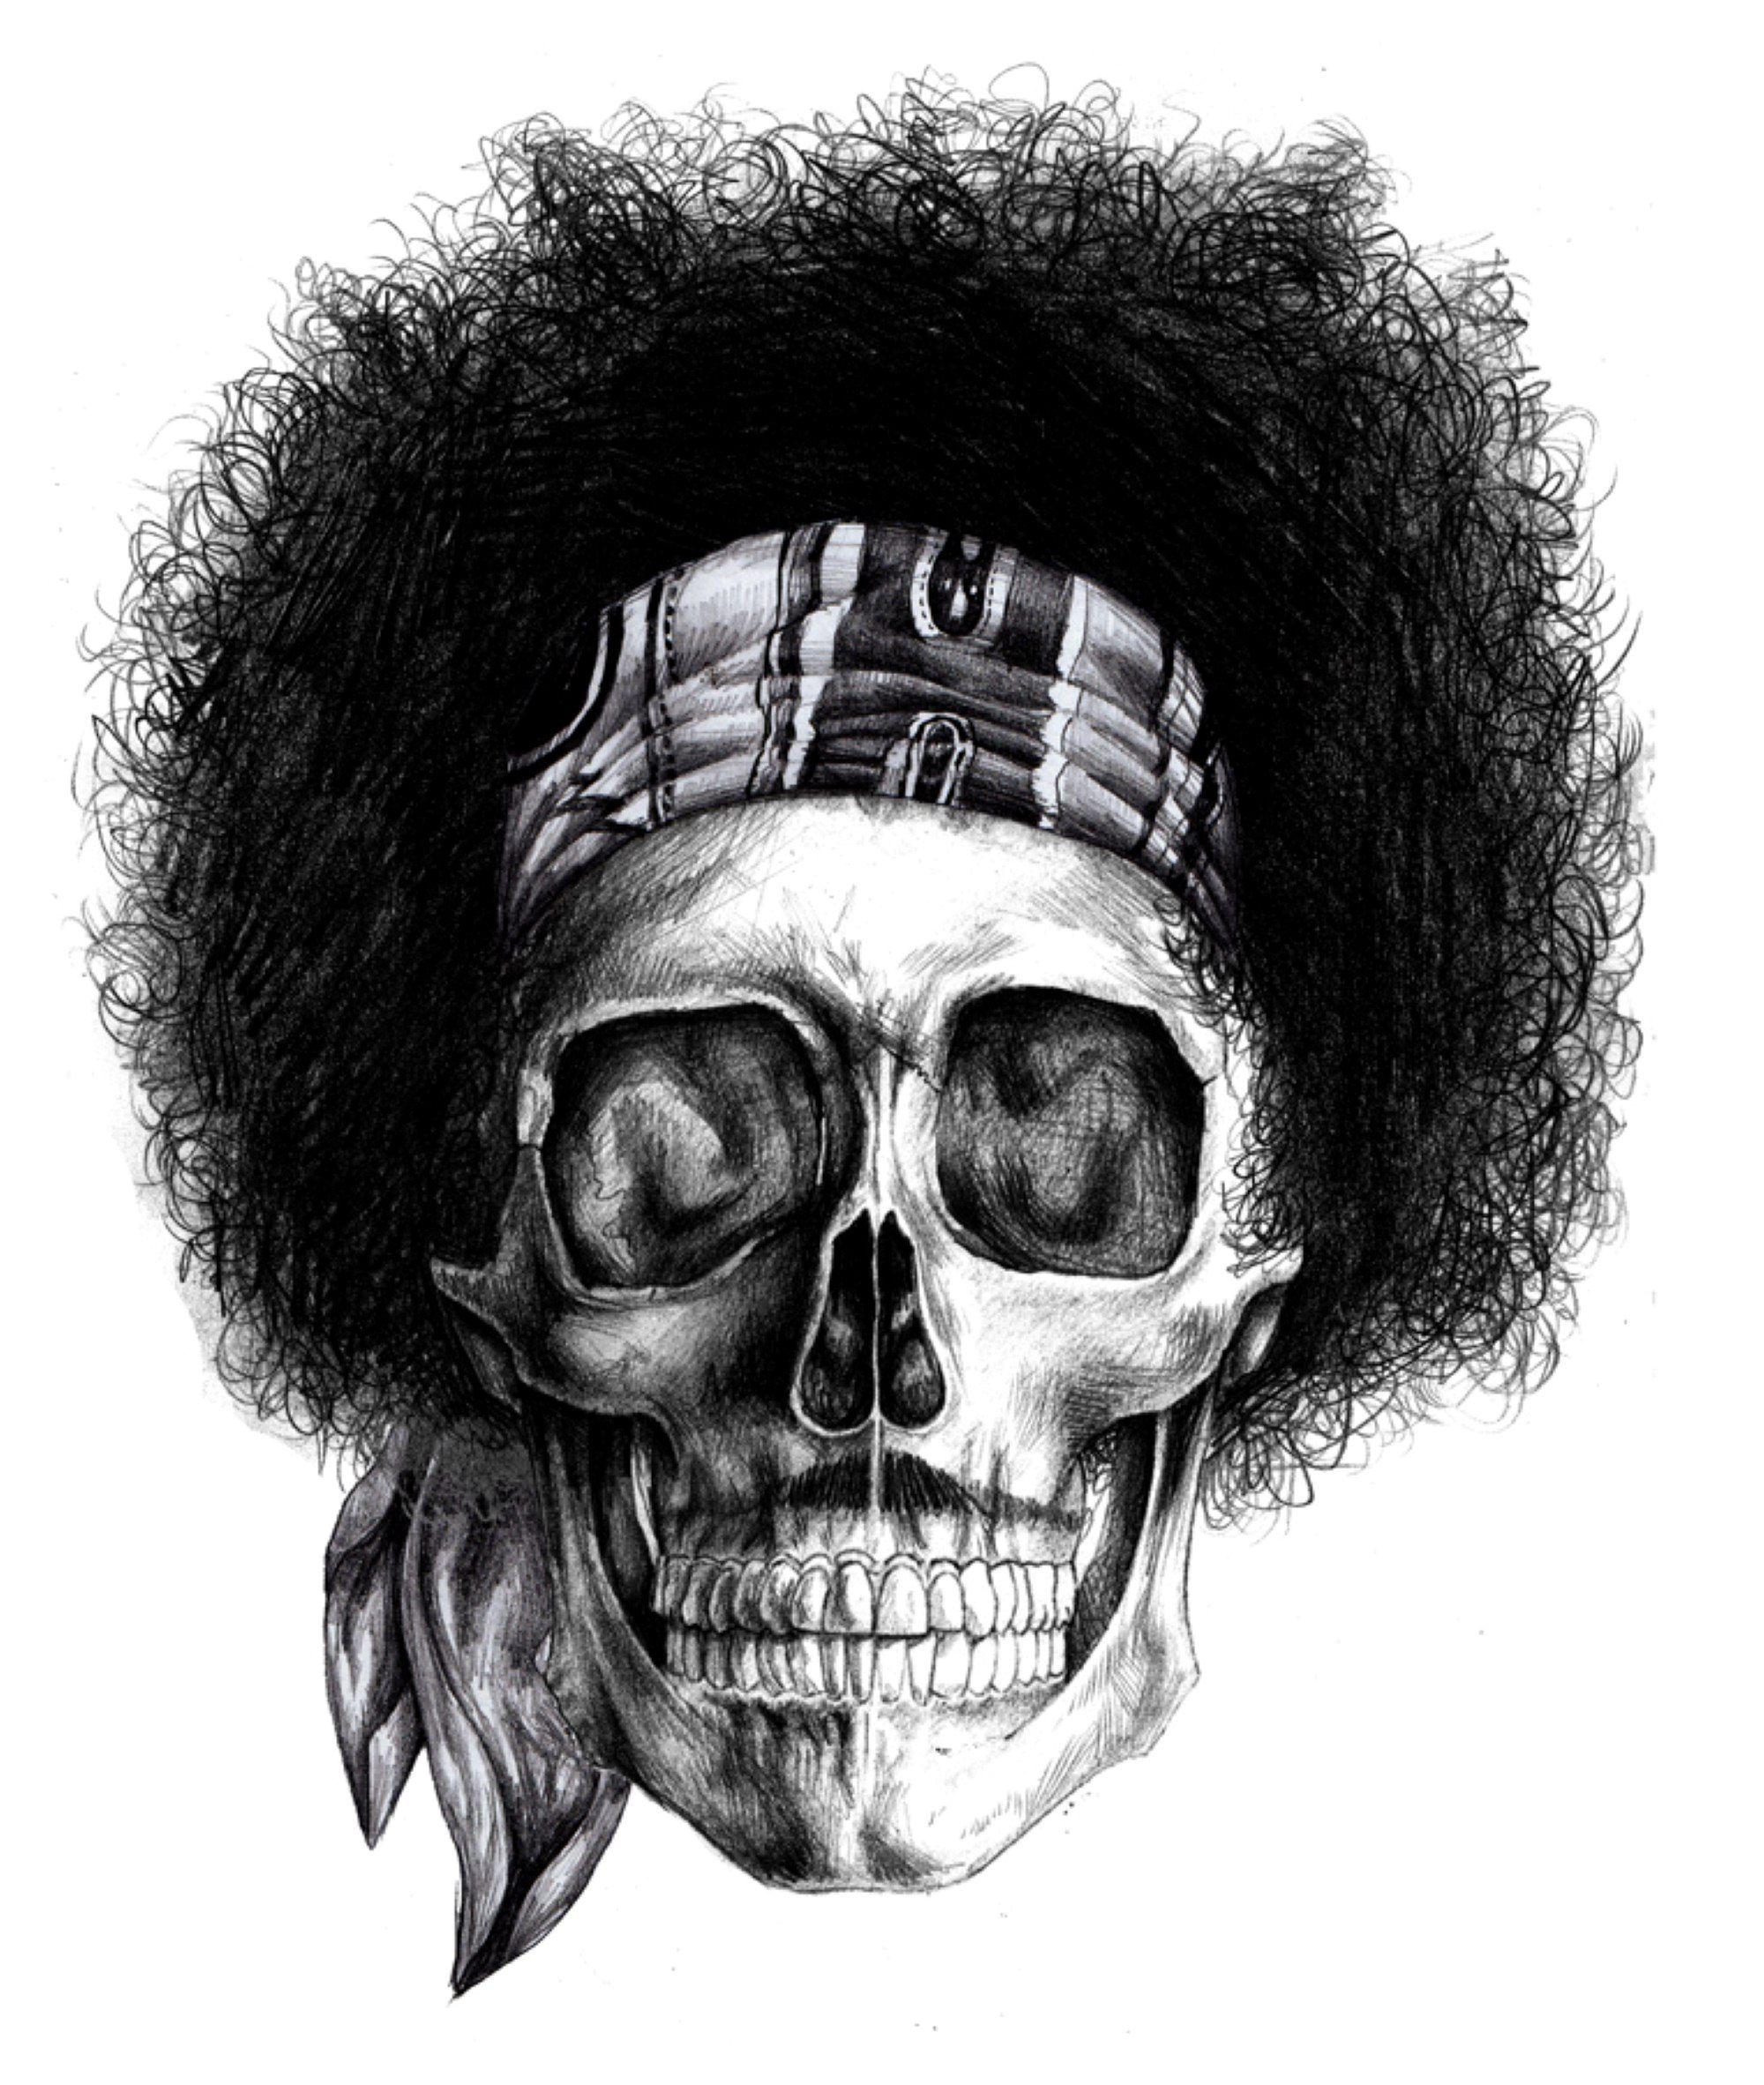 Image detail for -Skull Hendrix   MondoGonzo  3aeade18c21